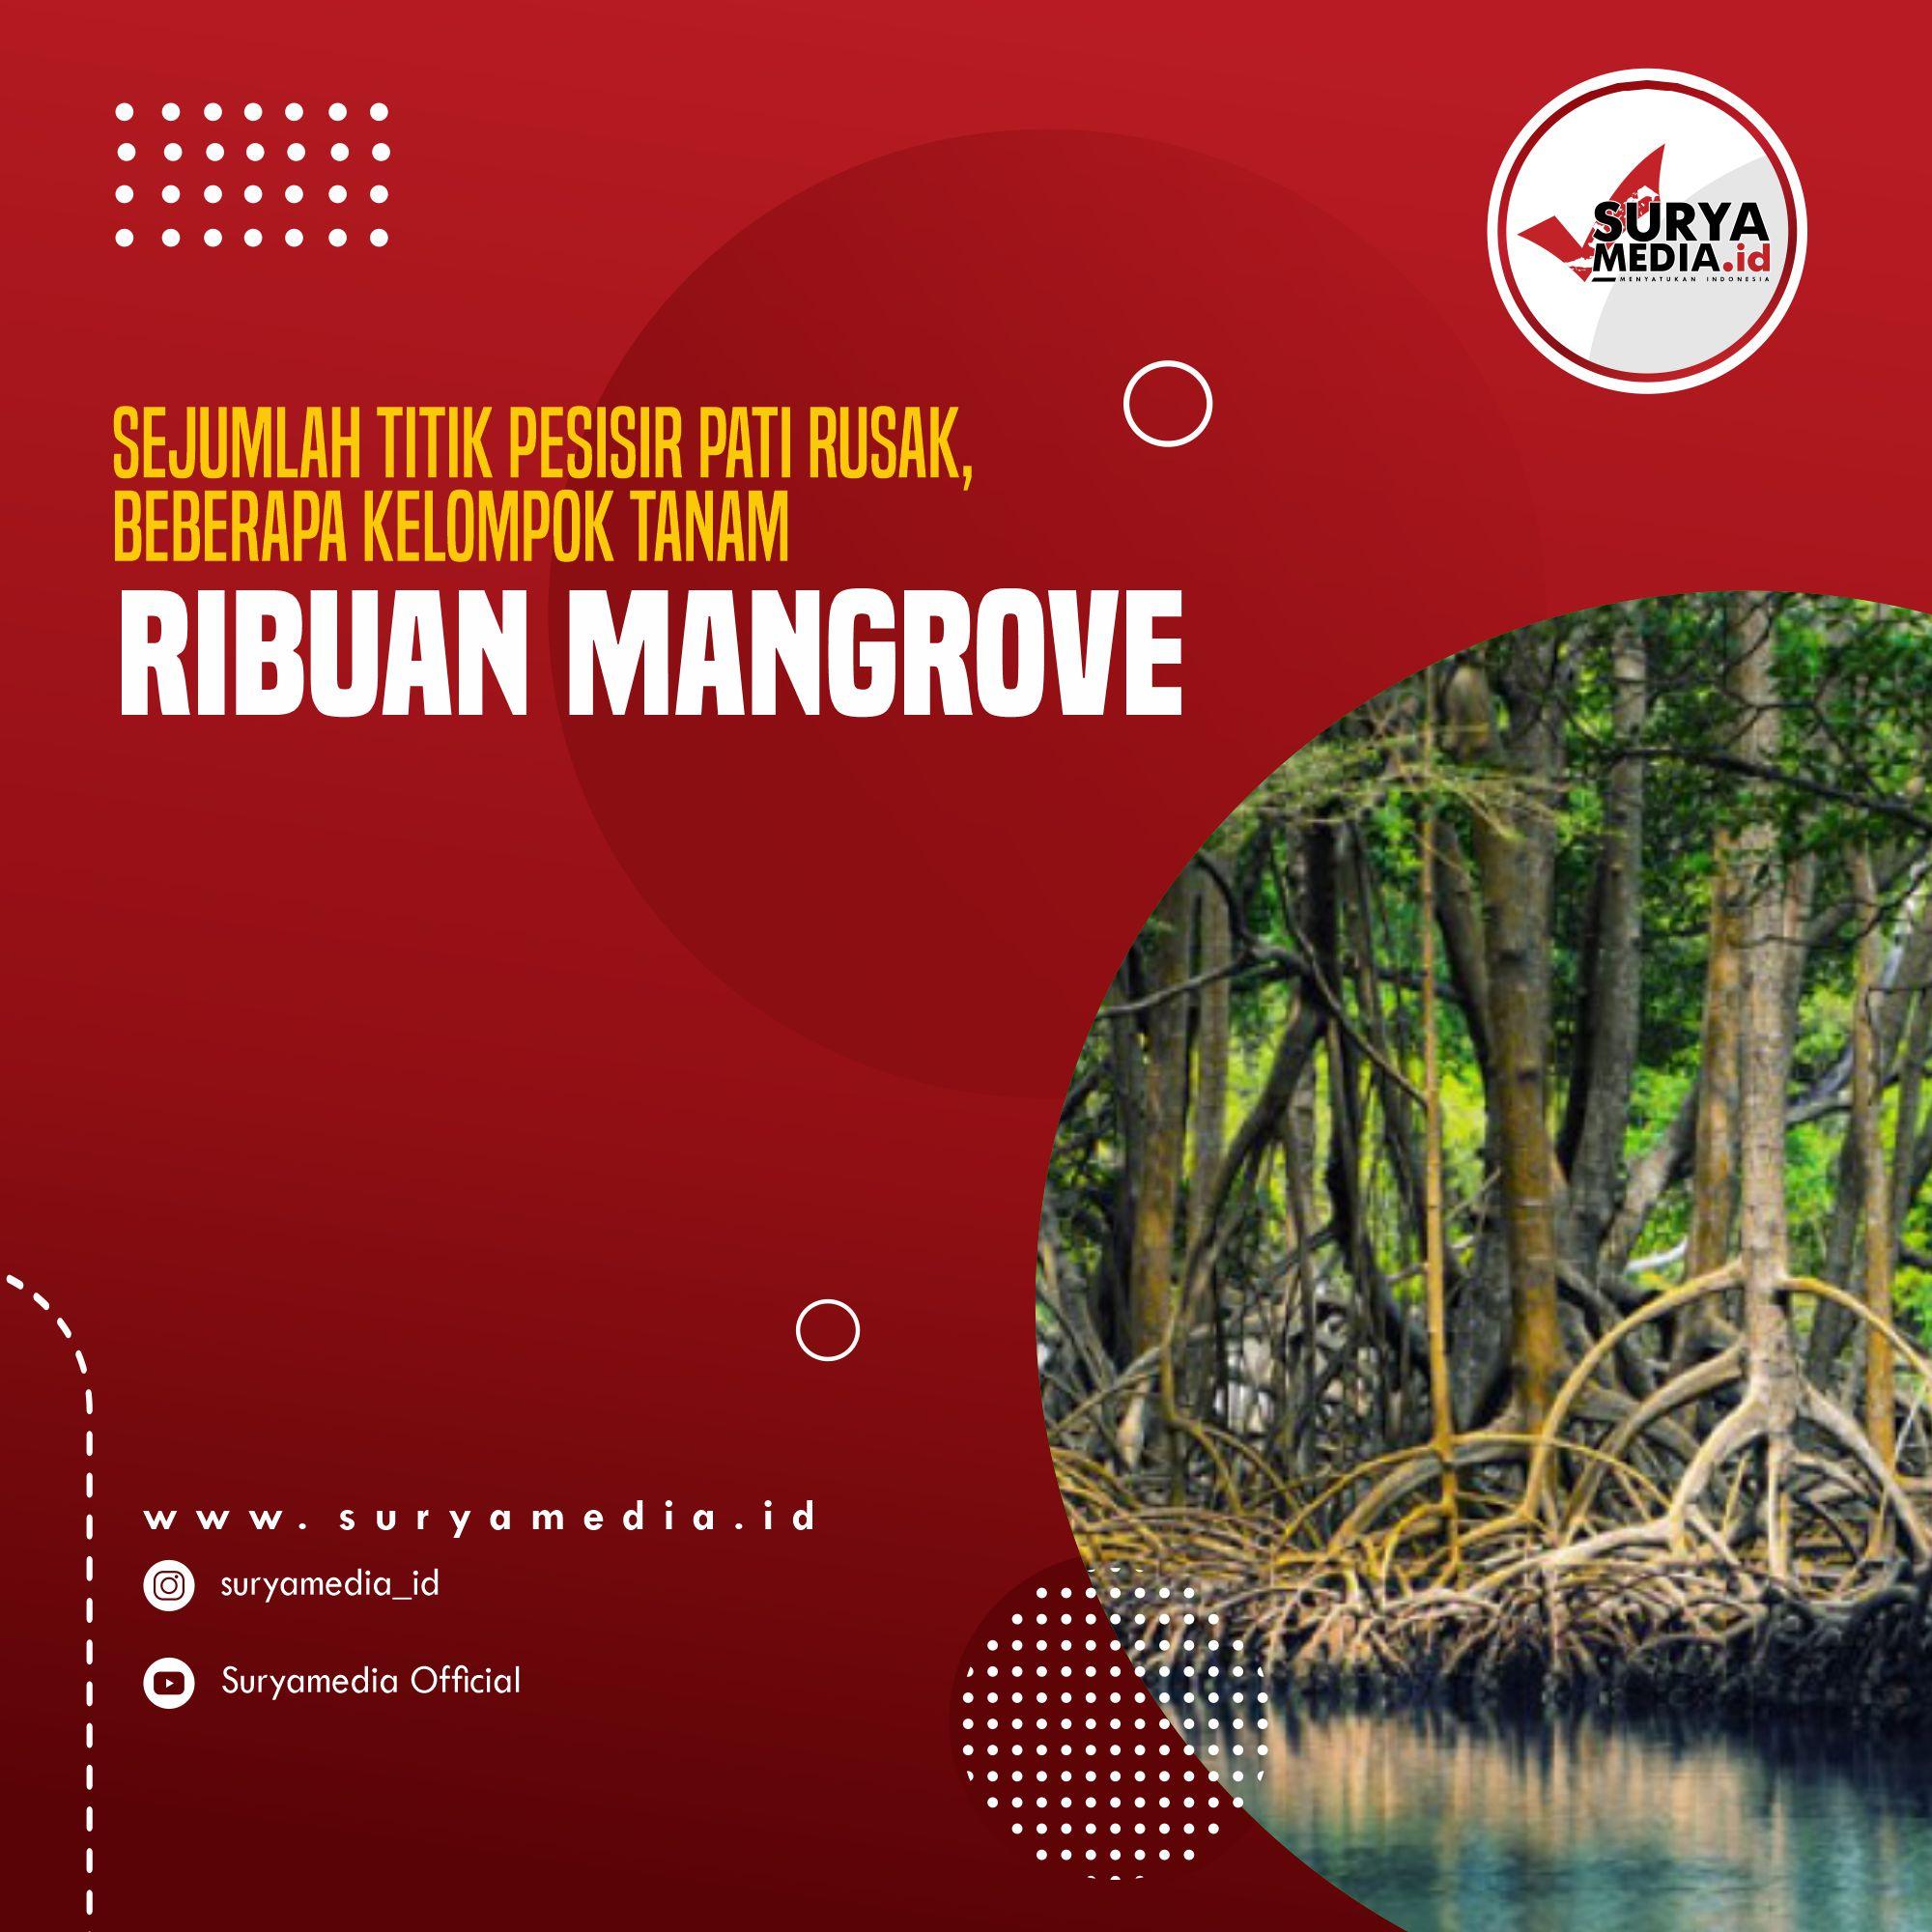 Sejumlah Titik Pesisir Pati Rusak, Beberapa Kelompok Tanam Ribuan Mangrove A